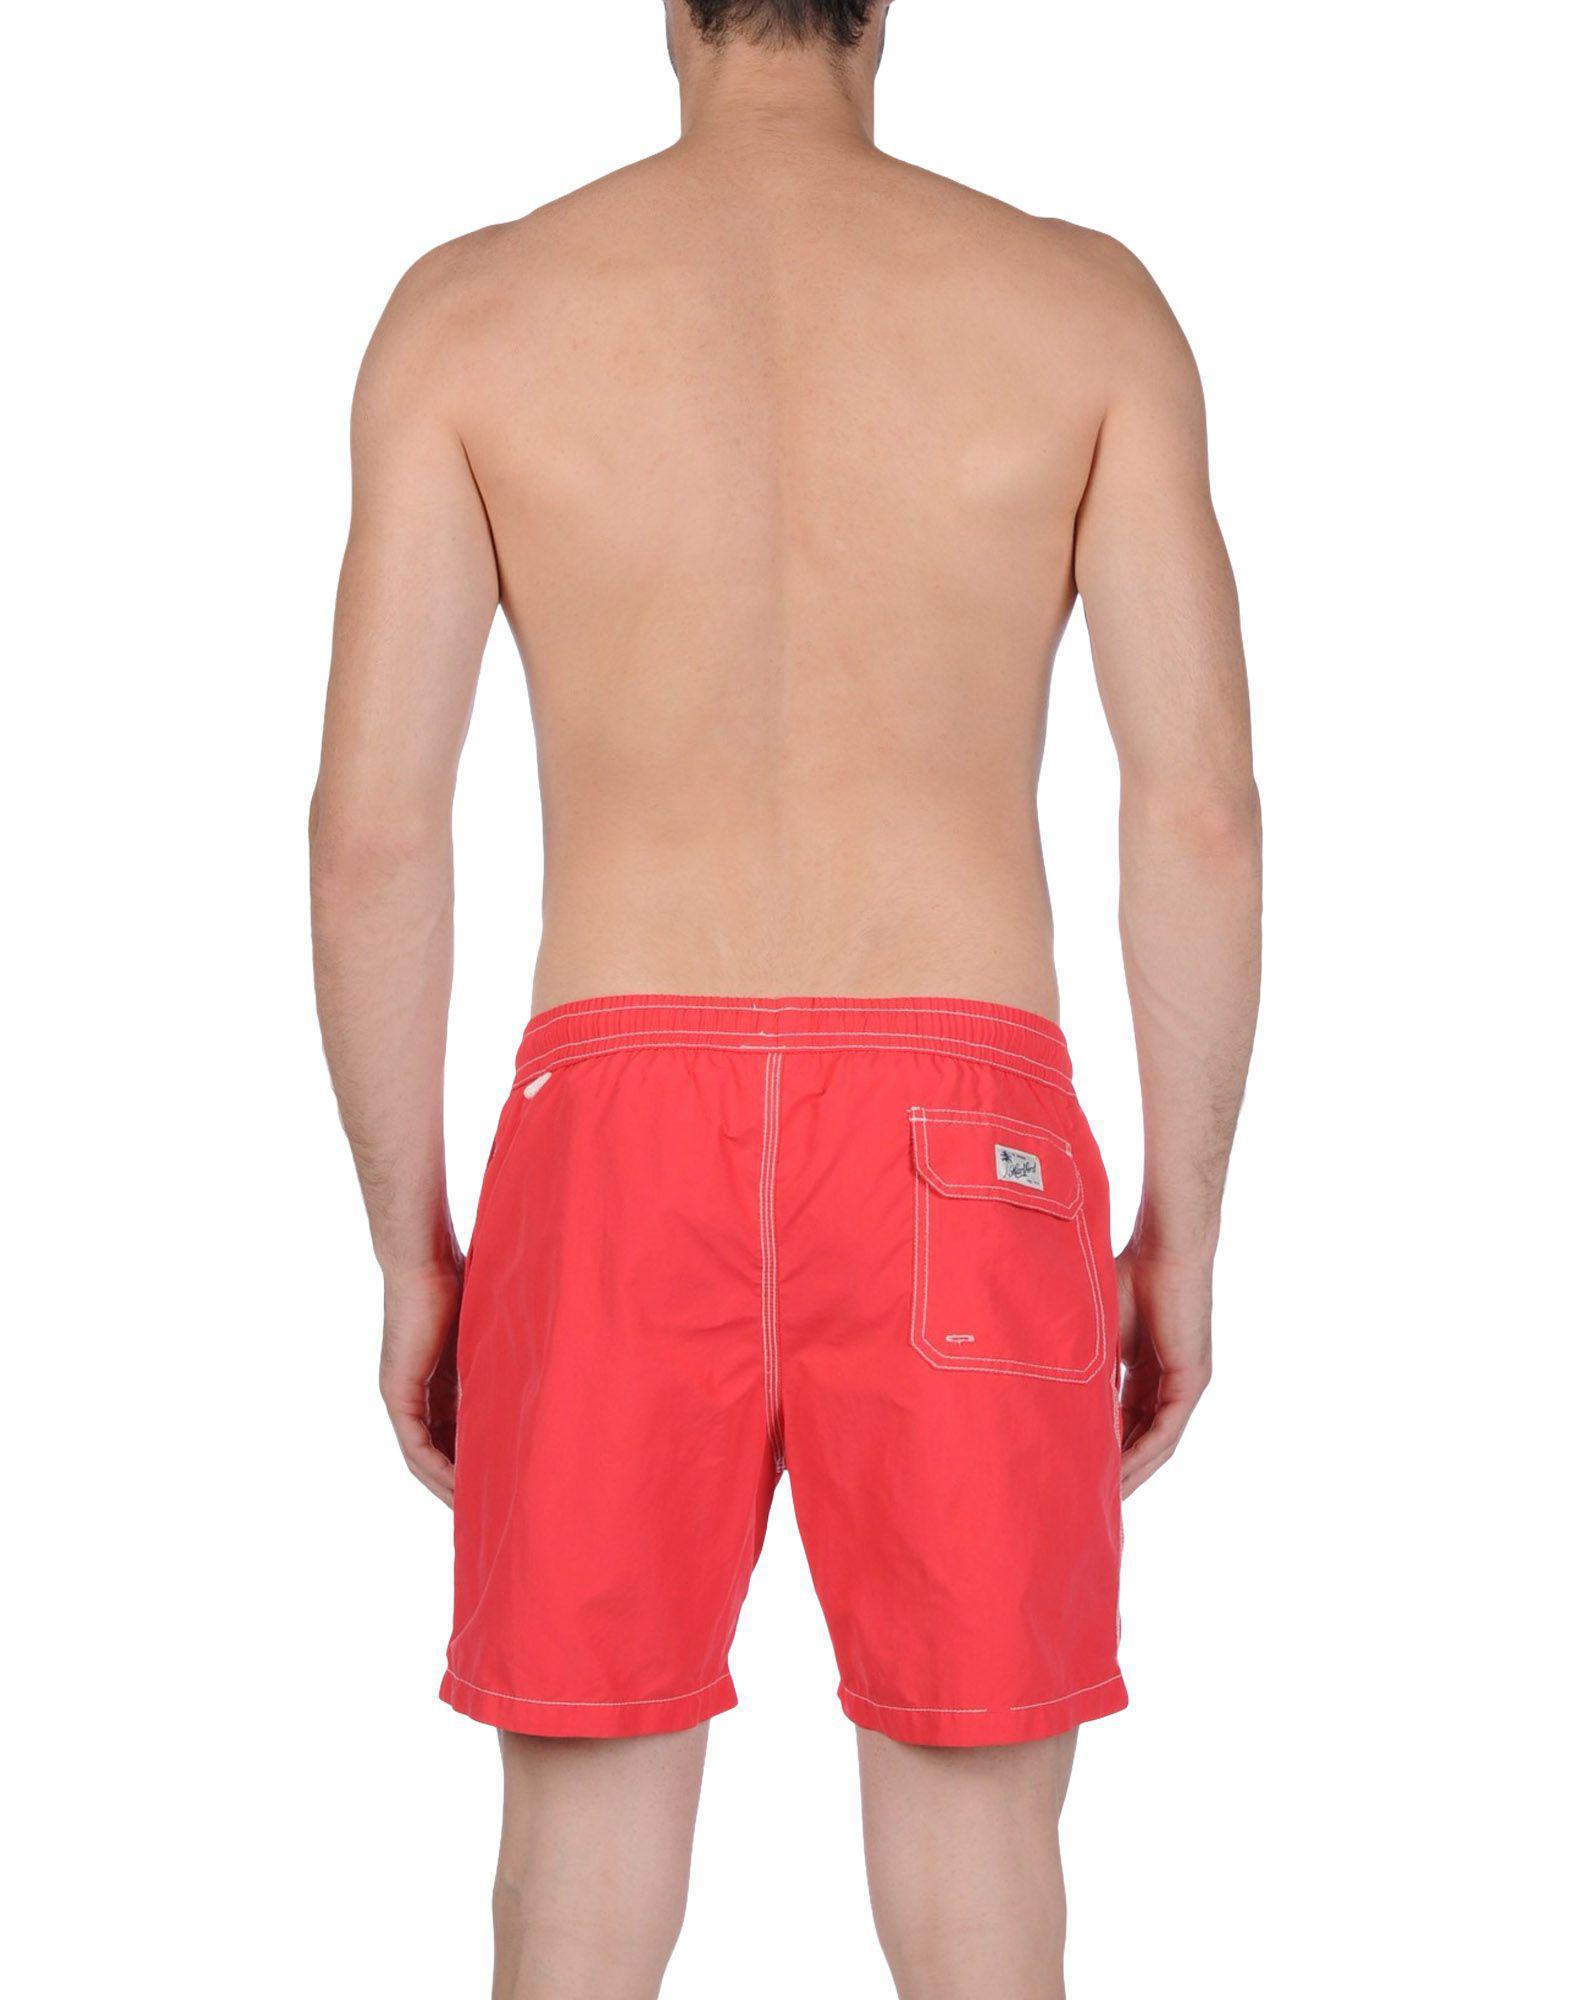 60e04ea7d4 Lyst - Hartford Swim Trunks in Red for Men